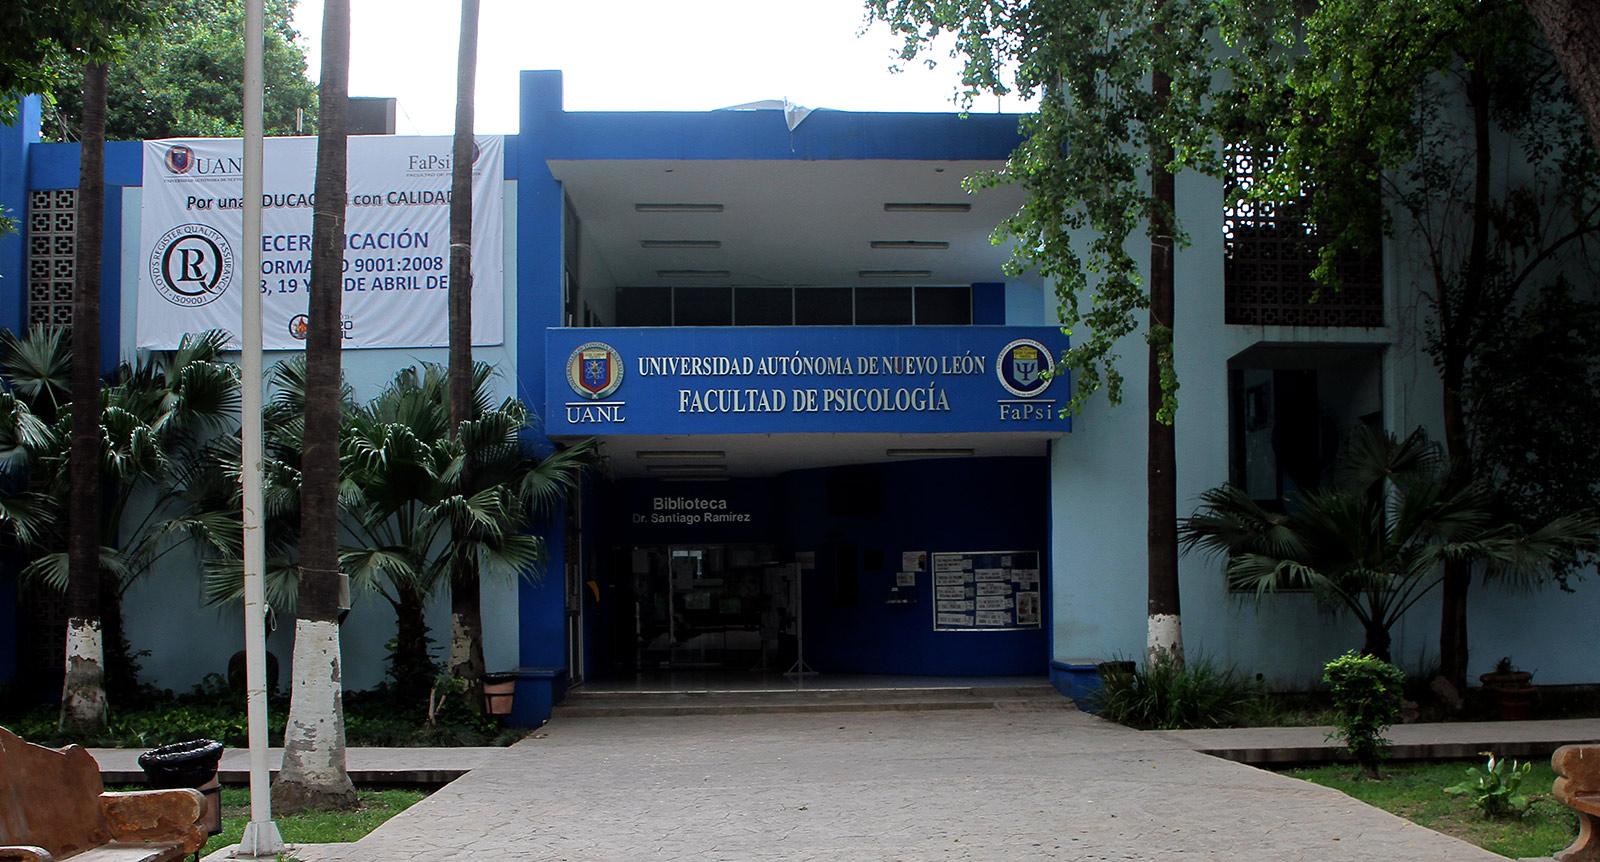 Centro de Investigaciones Psicológicas